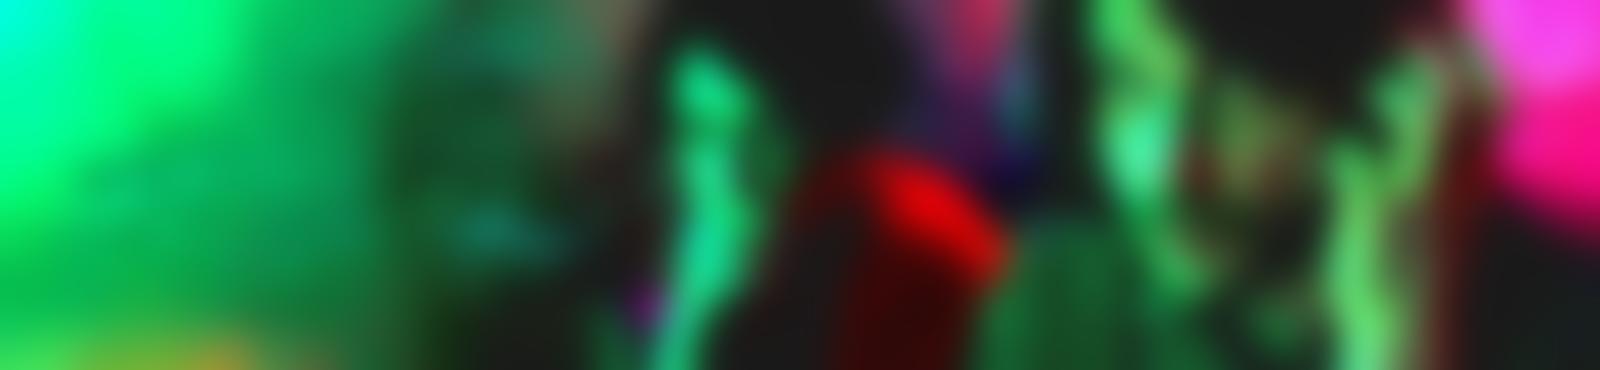 Blurred 1684f40d d7c3 4bc2 b06b bf25662938cc